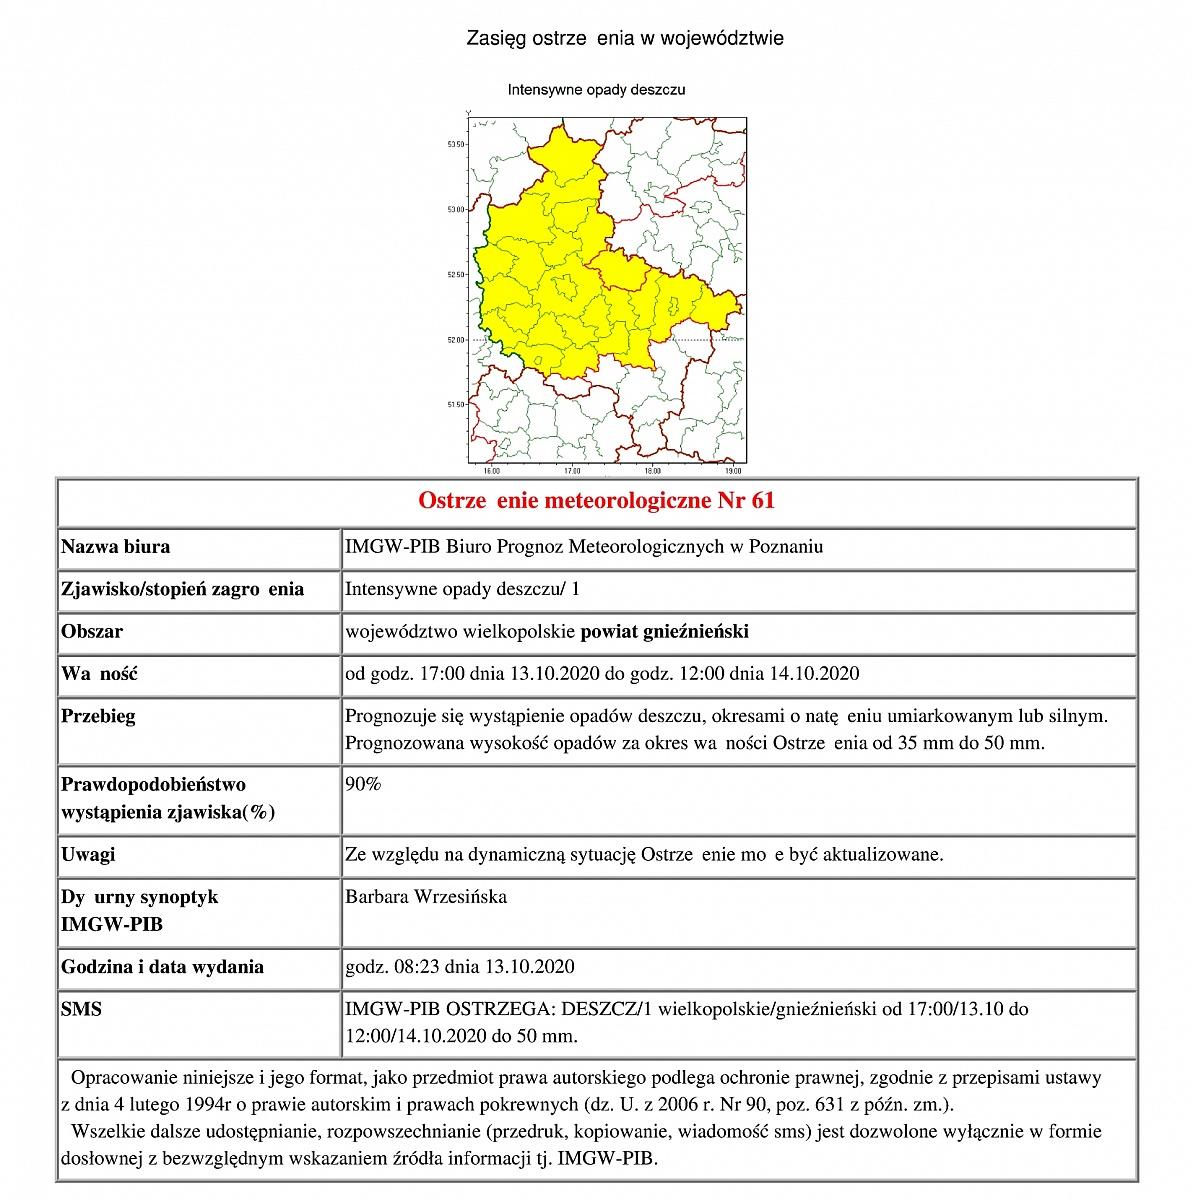 Ostrzeżenie meteorologiczne: intensywne opady deszczu